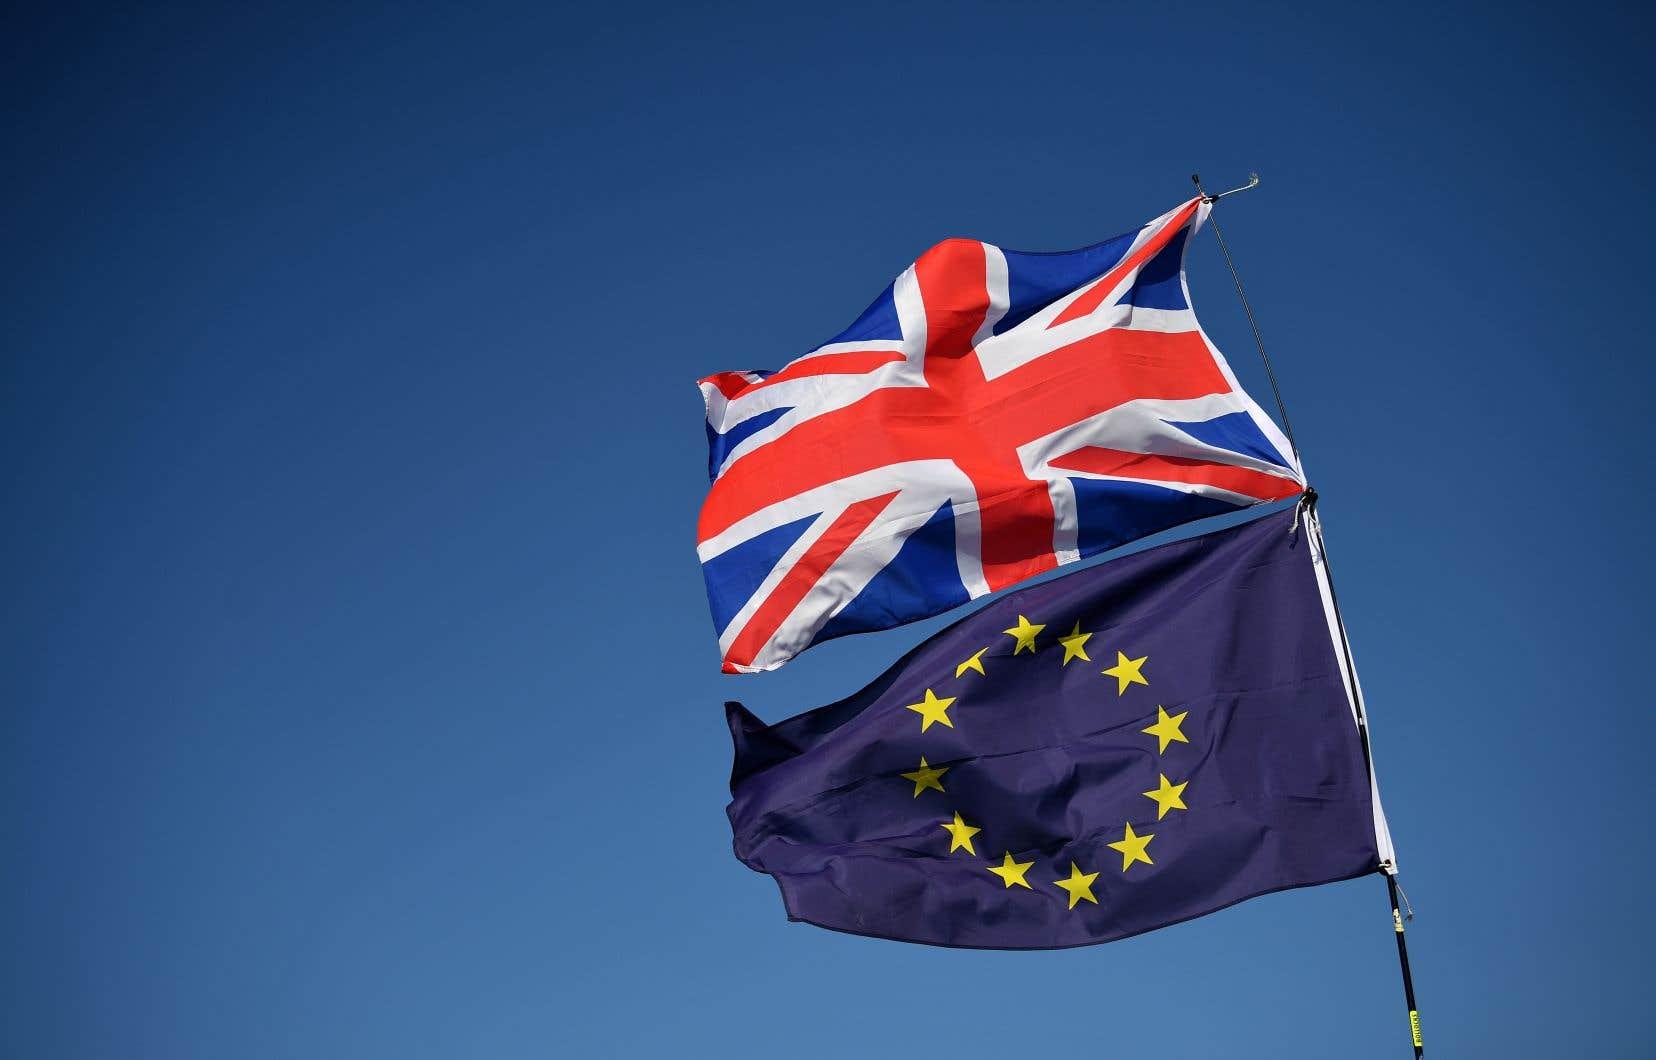 Londres et Bruxelles ne parviennent pas à s'entendre sur la manière d'éviter, après le Brexit, un retour à une frontière physique entre l'Irlande du Nord et la République d'Irlande.